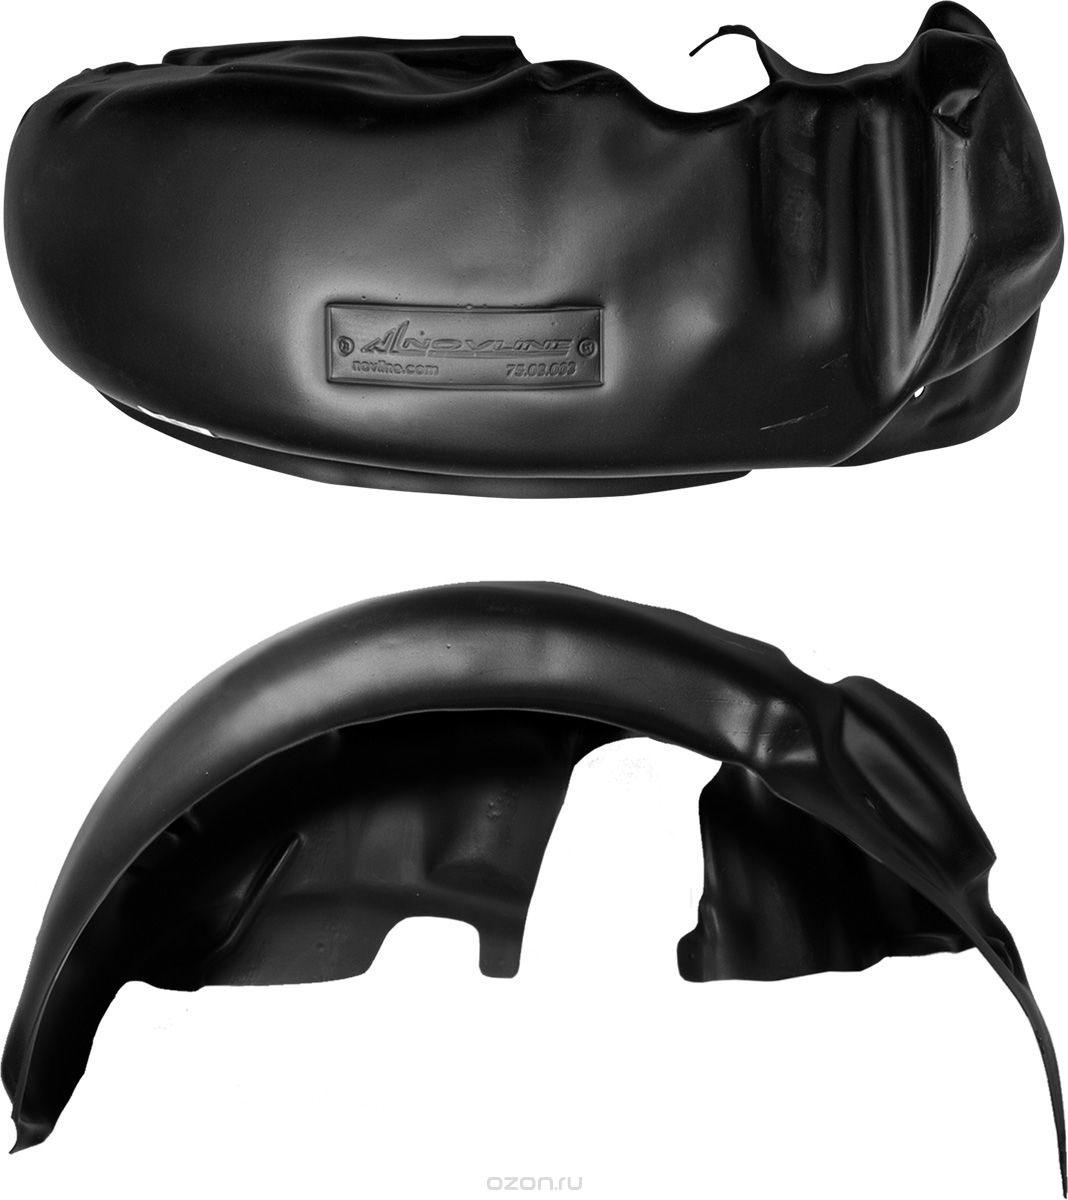 Подкрылок Novline-Autofamily, для PEUGEOT Boxer 2006-> с расширителями арок, задний левыйVCA-00Идеальная защита колесной ниши. Локеры разработаны с применением цифровых технологий, гарантируют максимальную повторяемость поверхности арки. Изделия устанавливаются без нарушения лакокрасочного покрытия автомобиля, каждый подкрылок комплектуется крепежом. Уважаемые клиенты, обращаем ваше внимание, что фотографии на подкрылки универсальные и не отражают реальную форму изделия. При этом само изделие идет точно под размер указанного автомобиля.